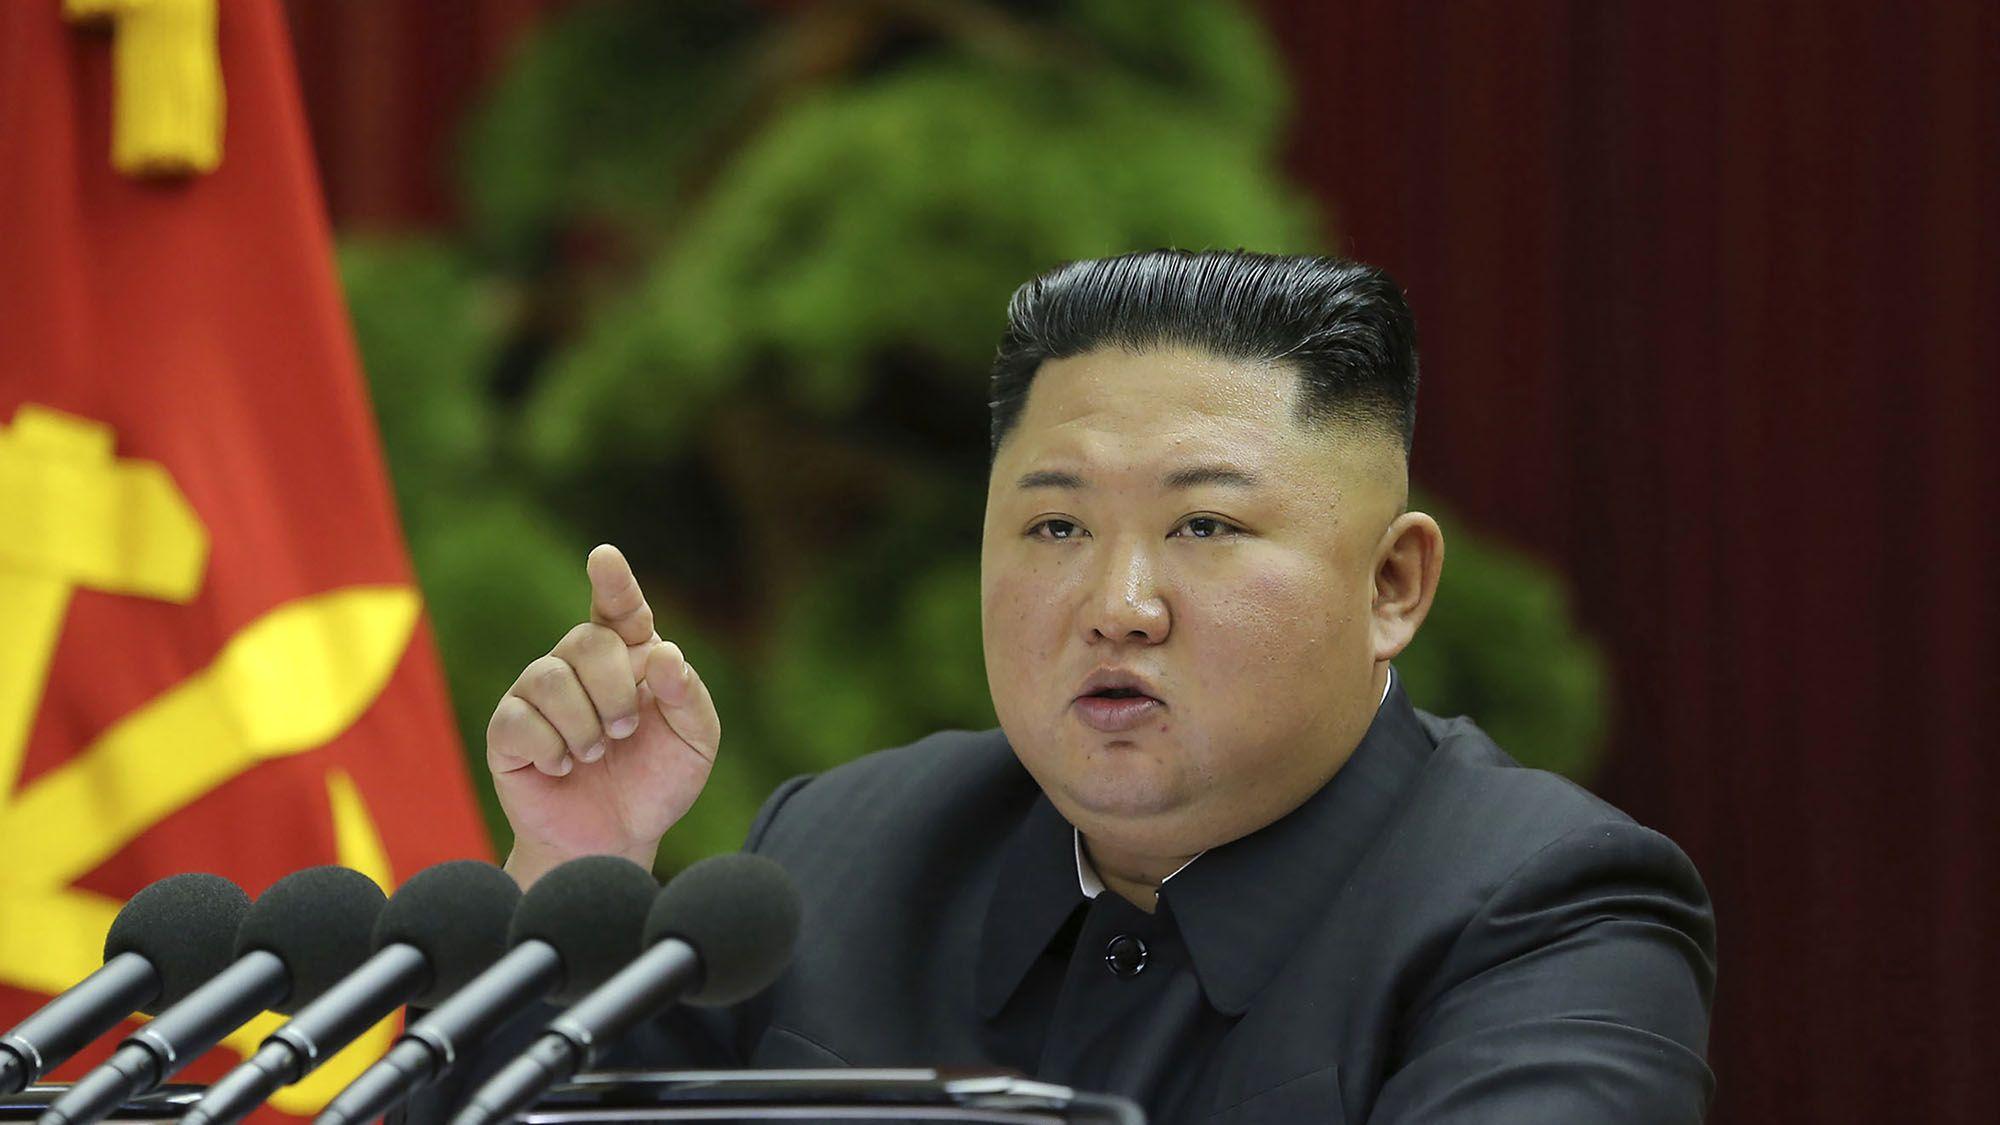 北朝鮮が暗号通貨のマイニングを拡大、「モネロ」採掘強化か